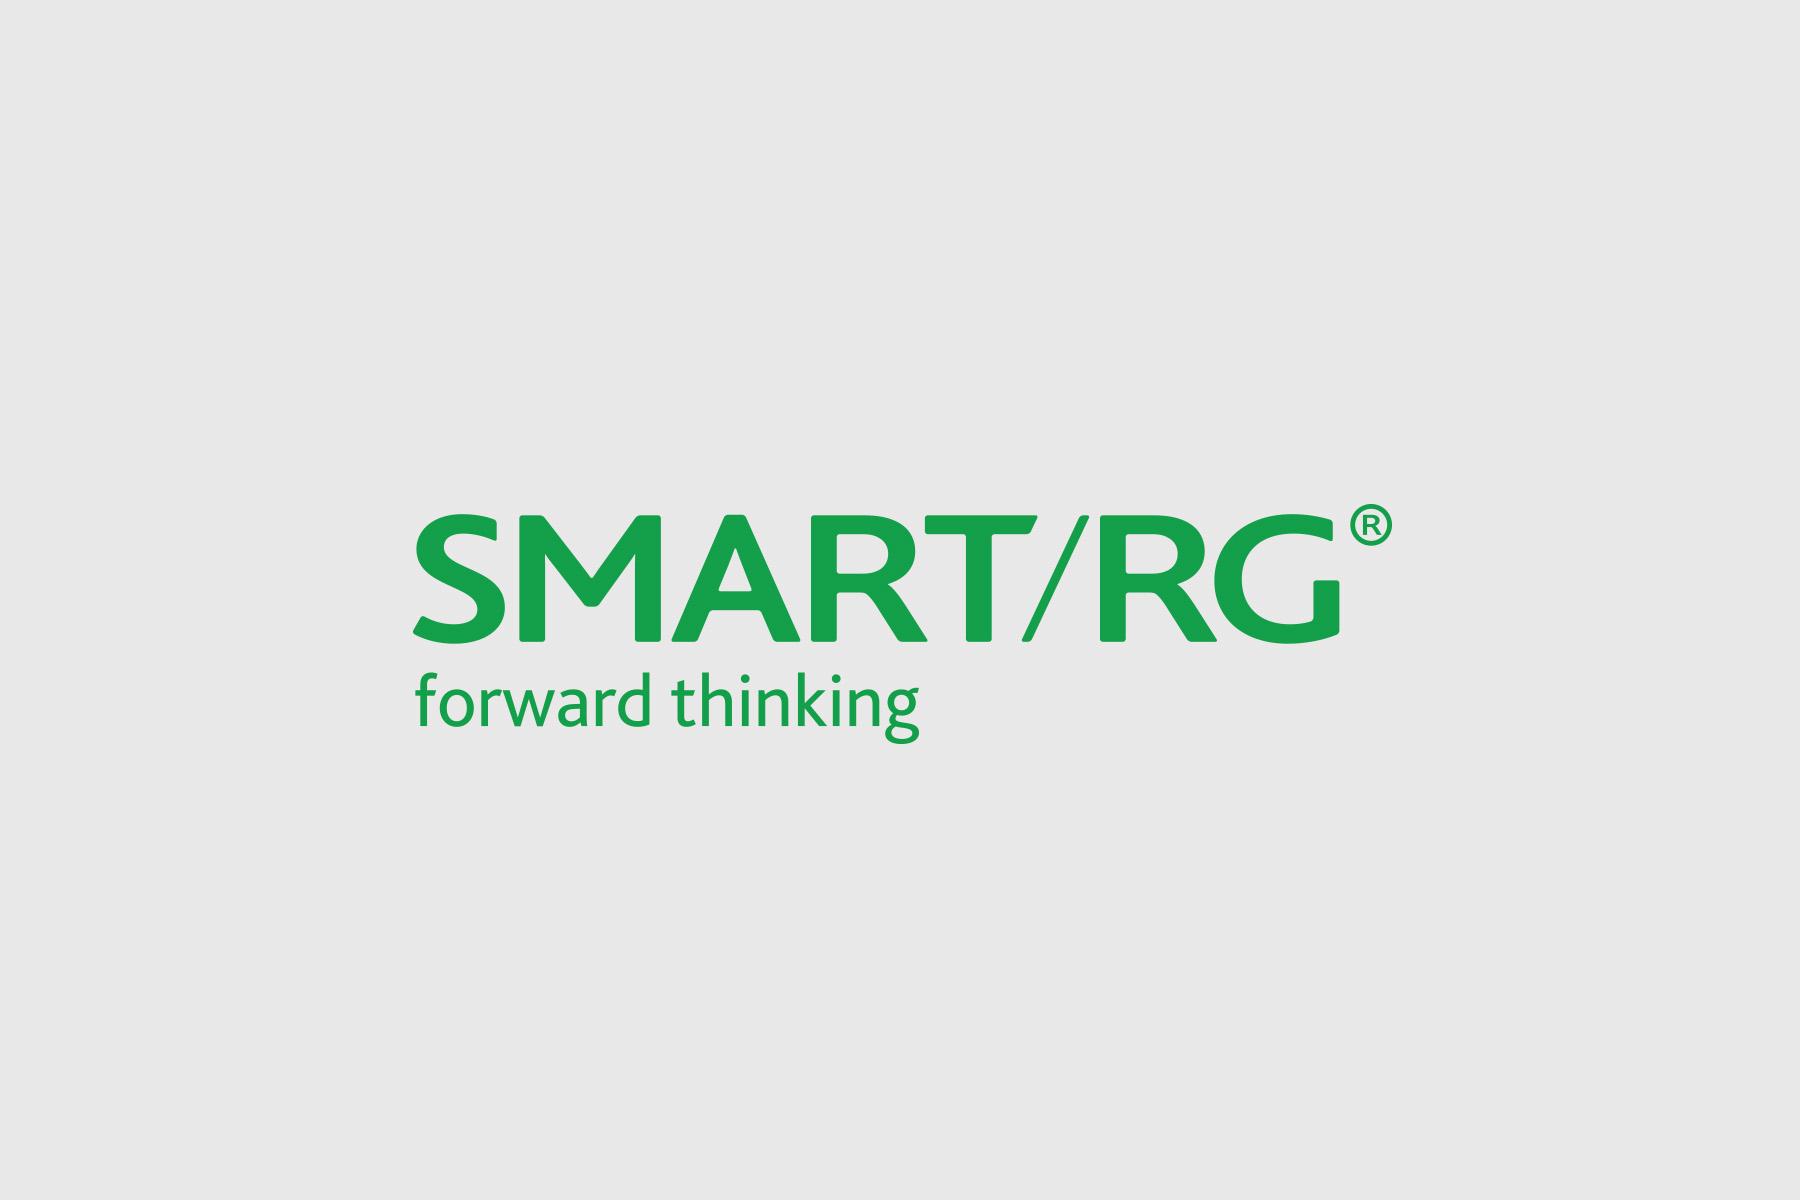 SmartRG_EskildHansen_08